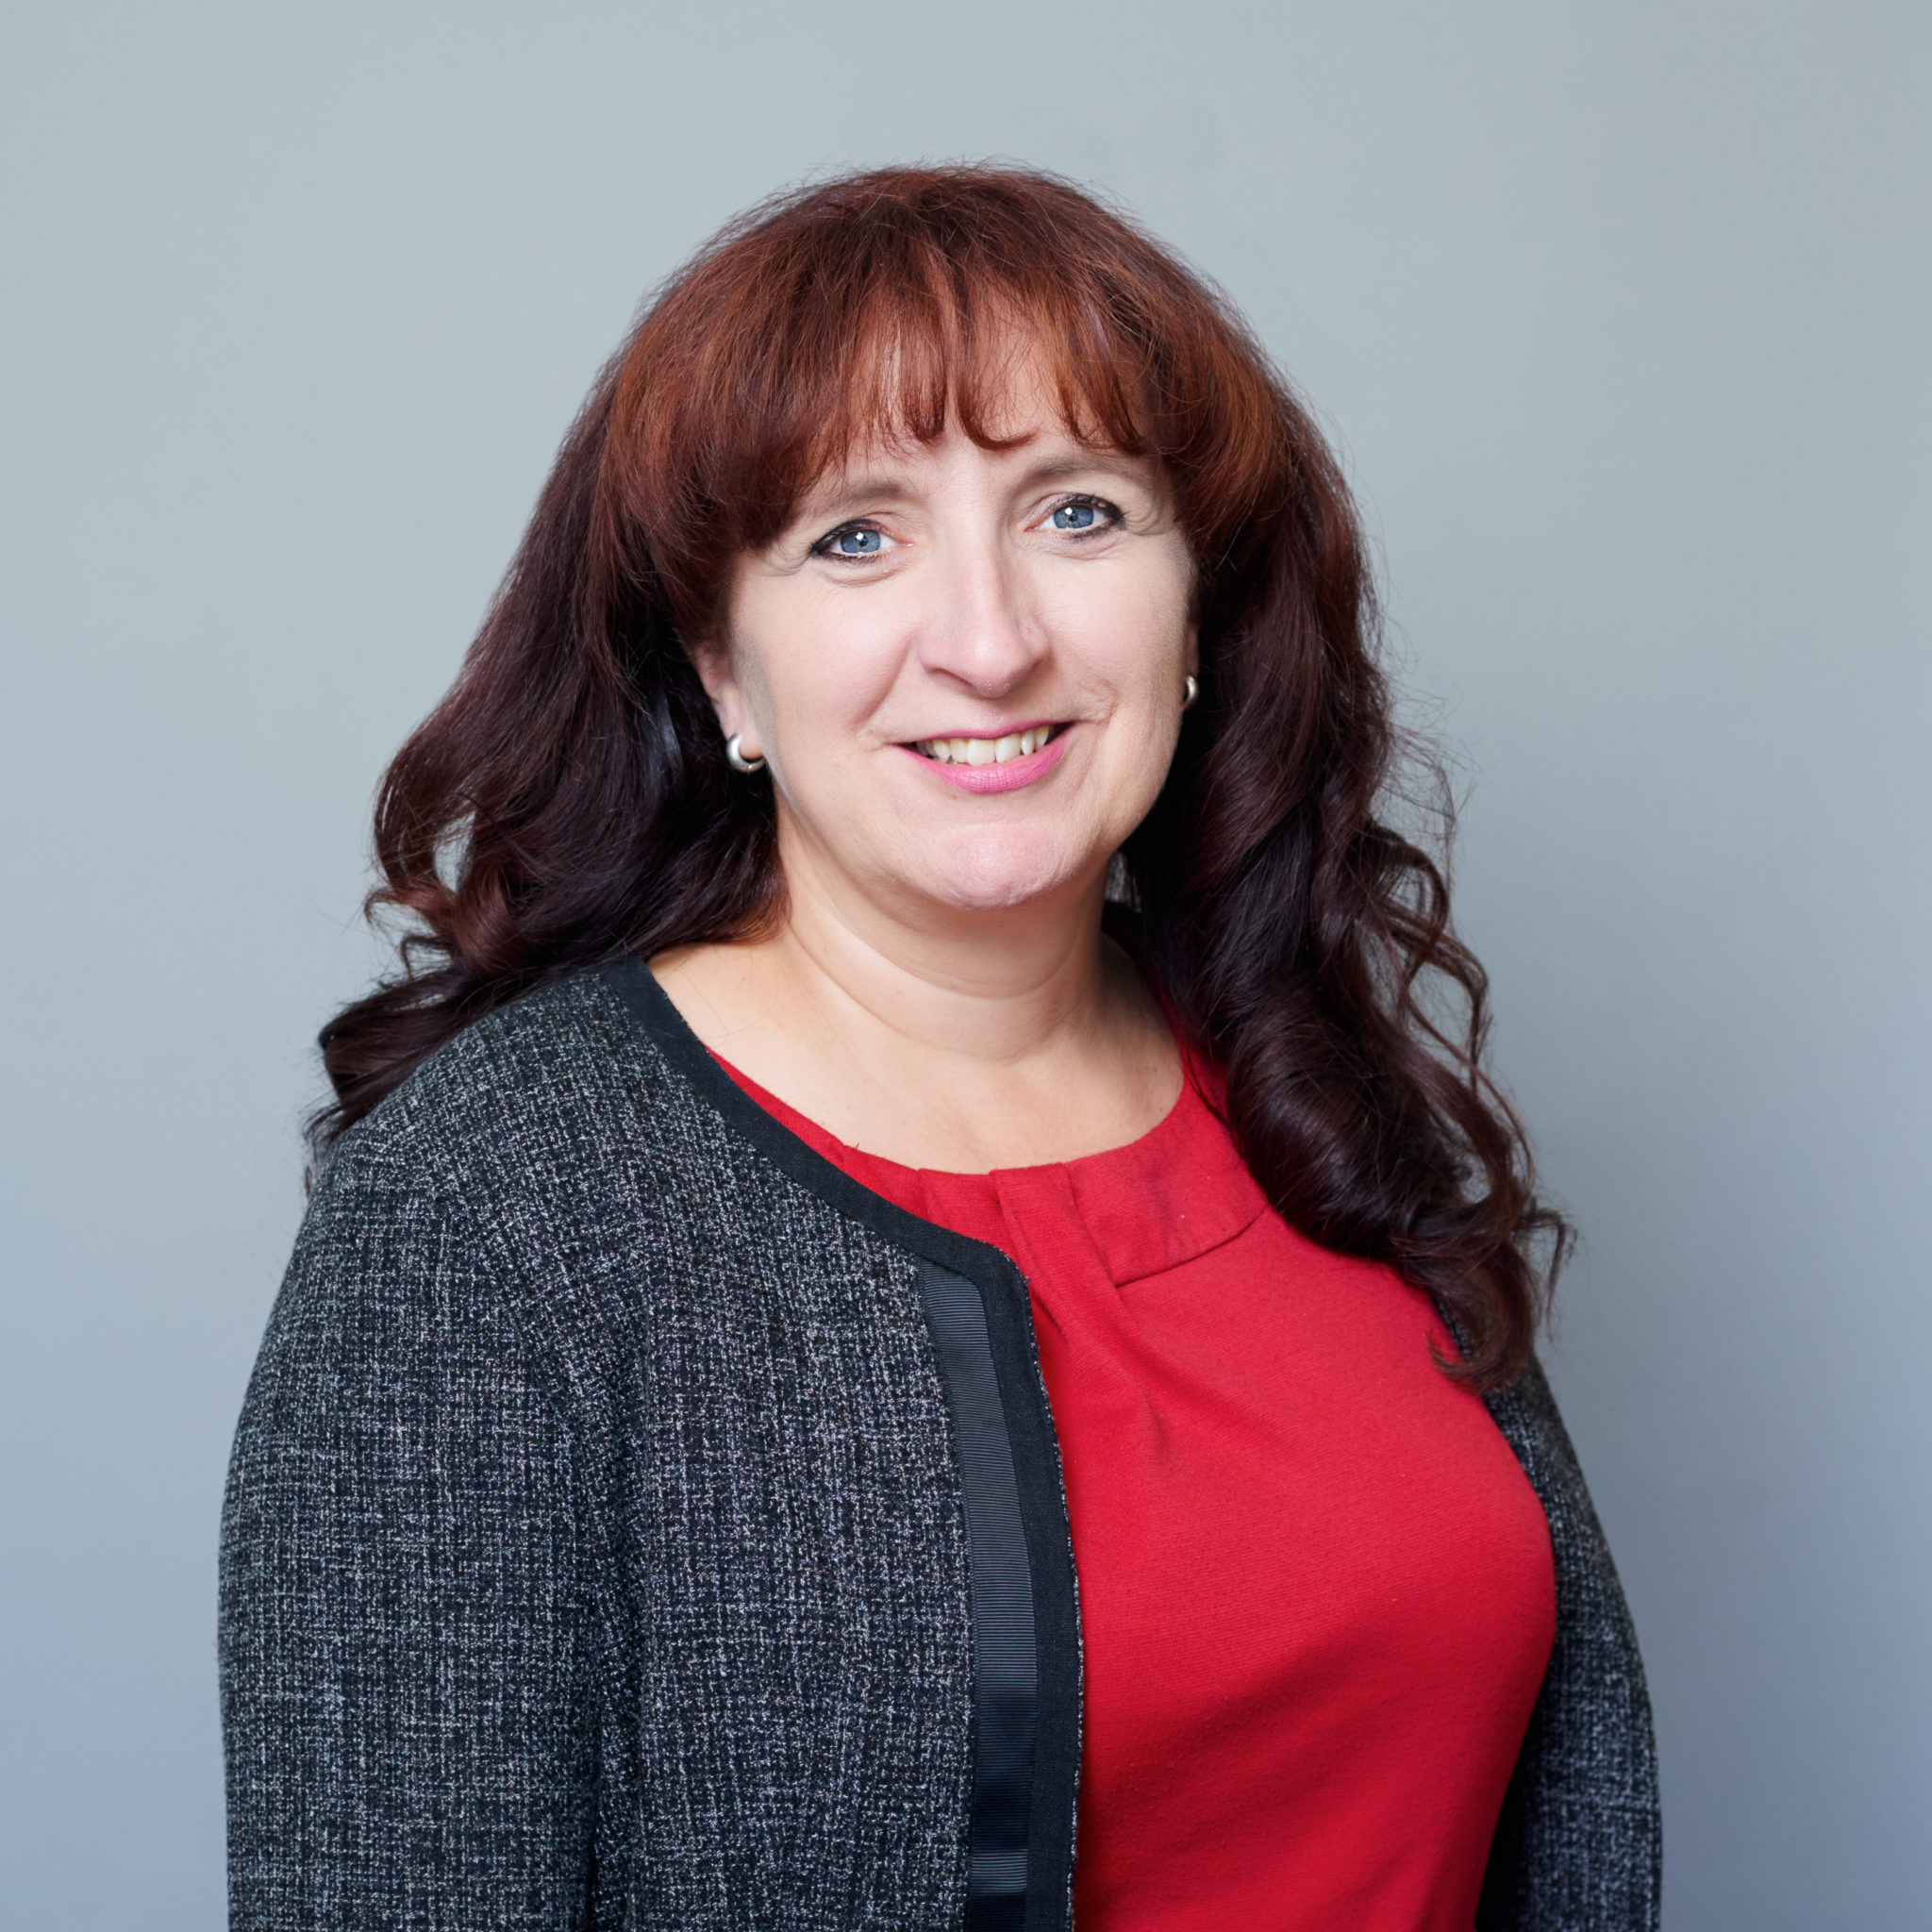 Rosalind Czarnowska